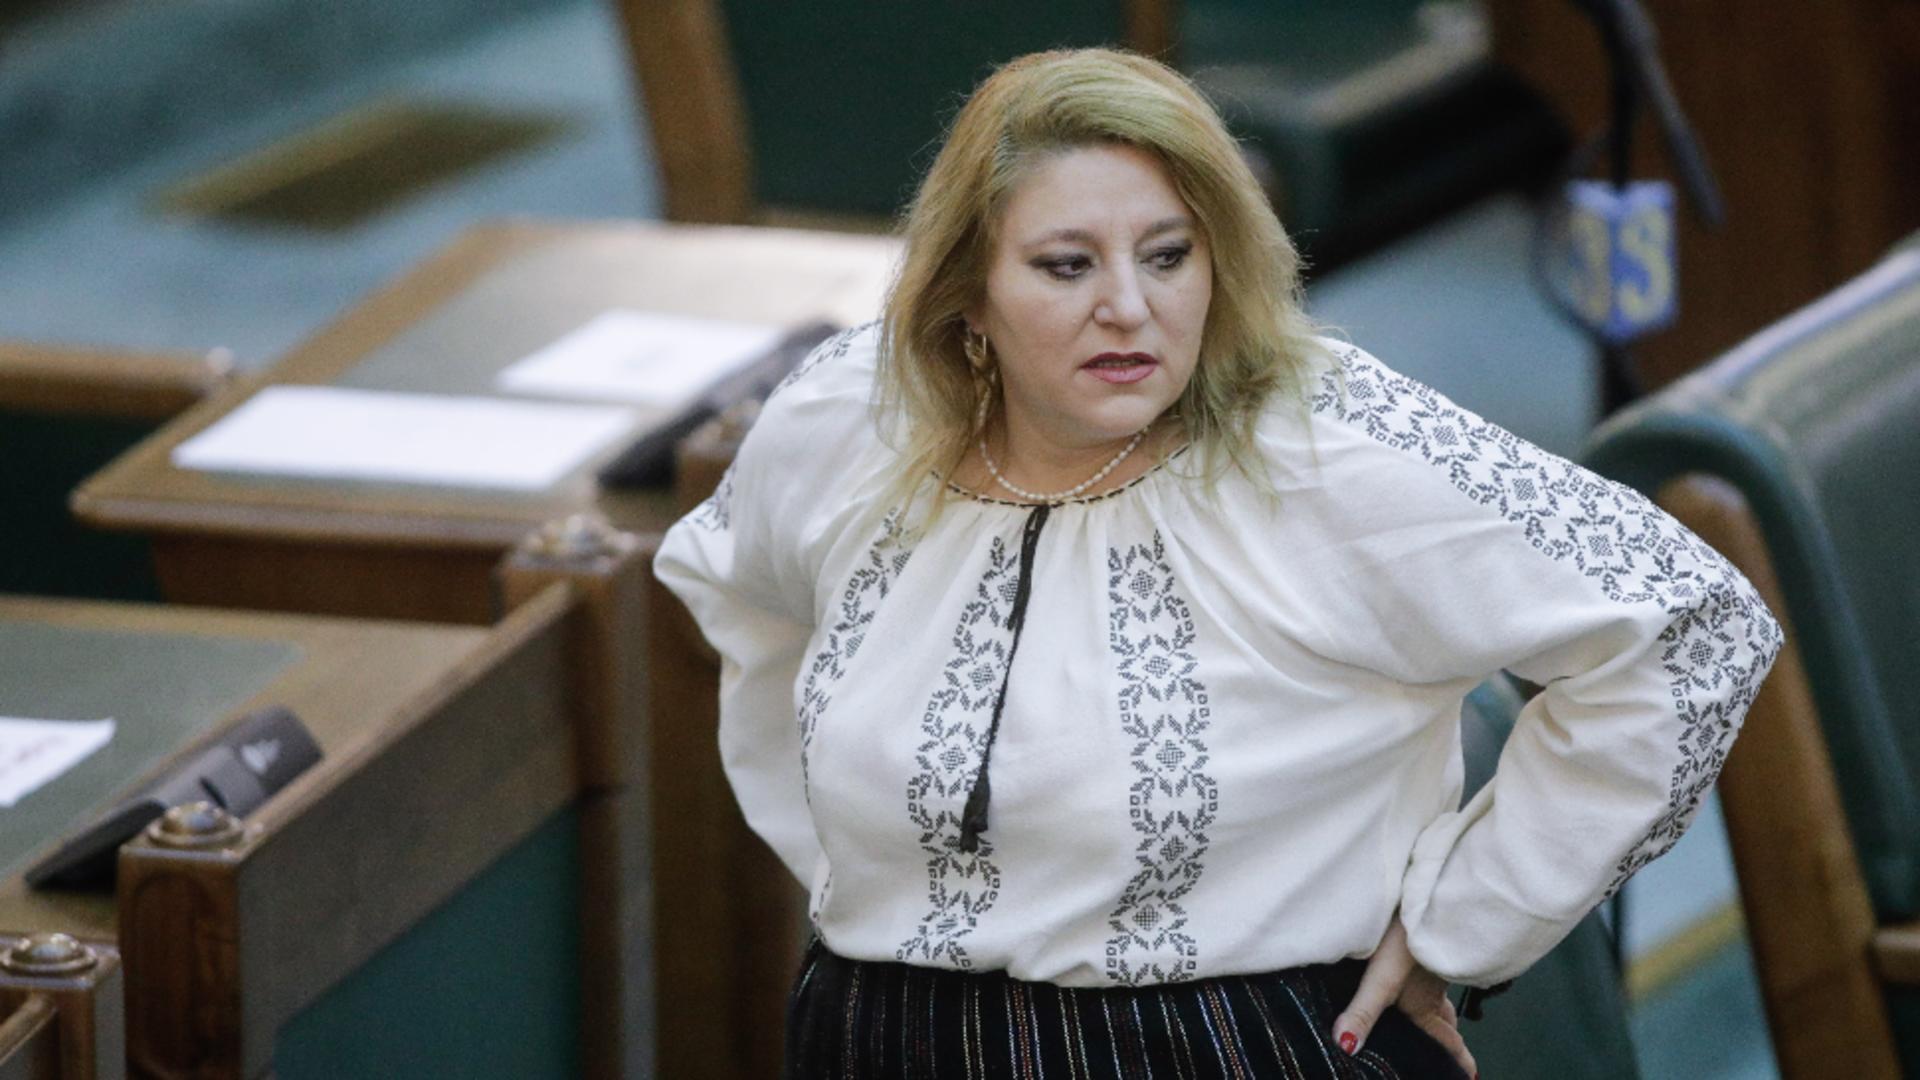 Diana Șoșoacă, la judecată! Află dacă mai poate reprezenta Senatul Foto: INQUAM/George Călin